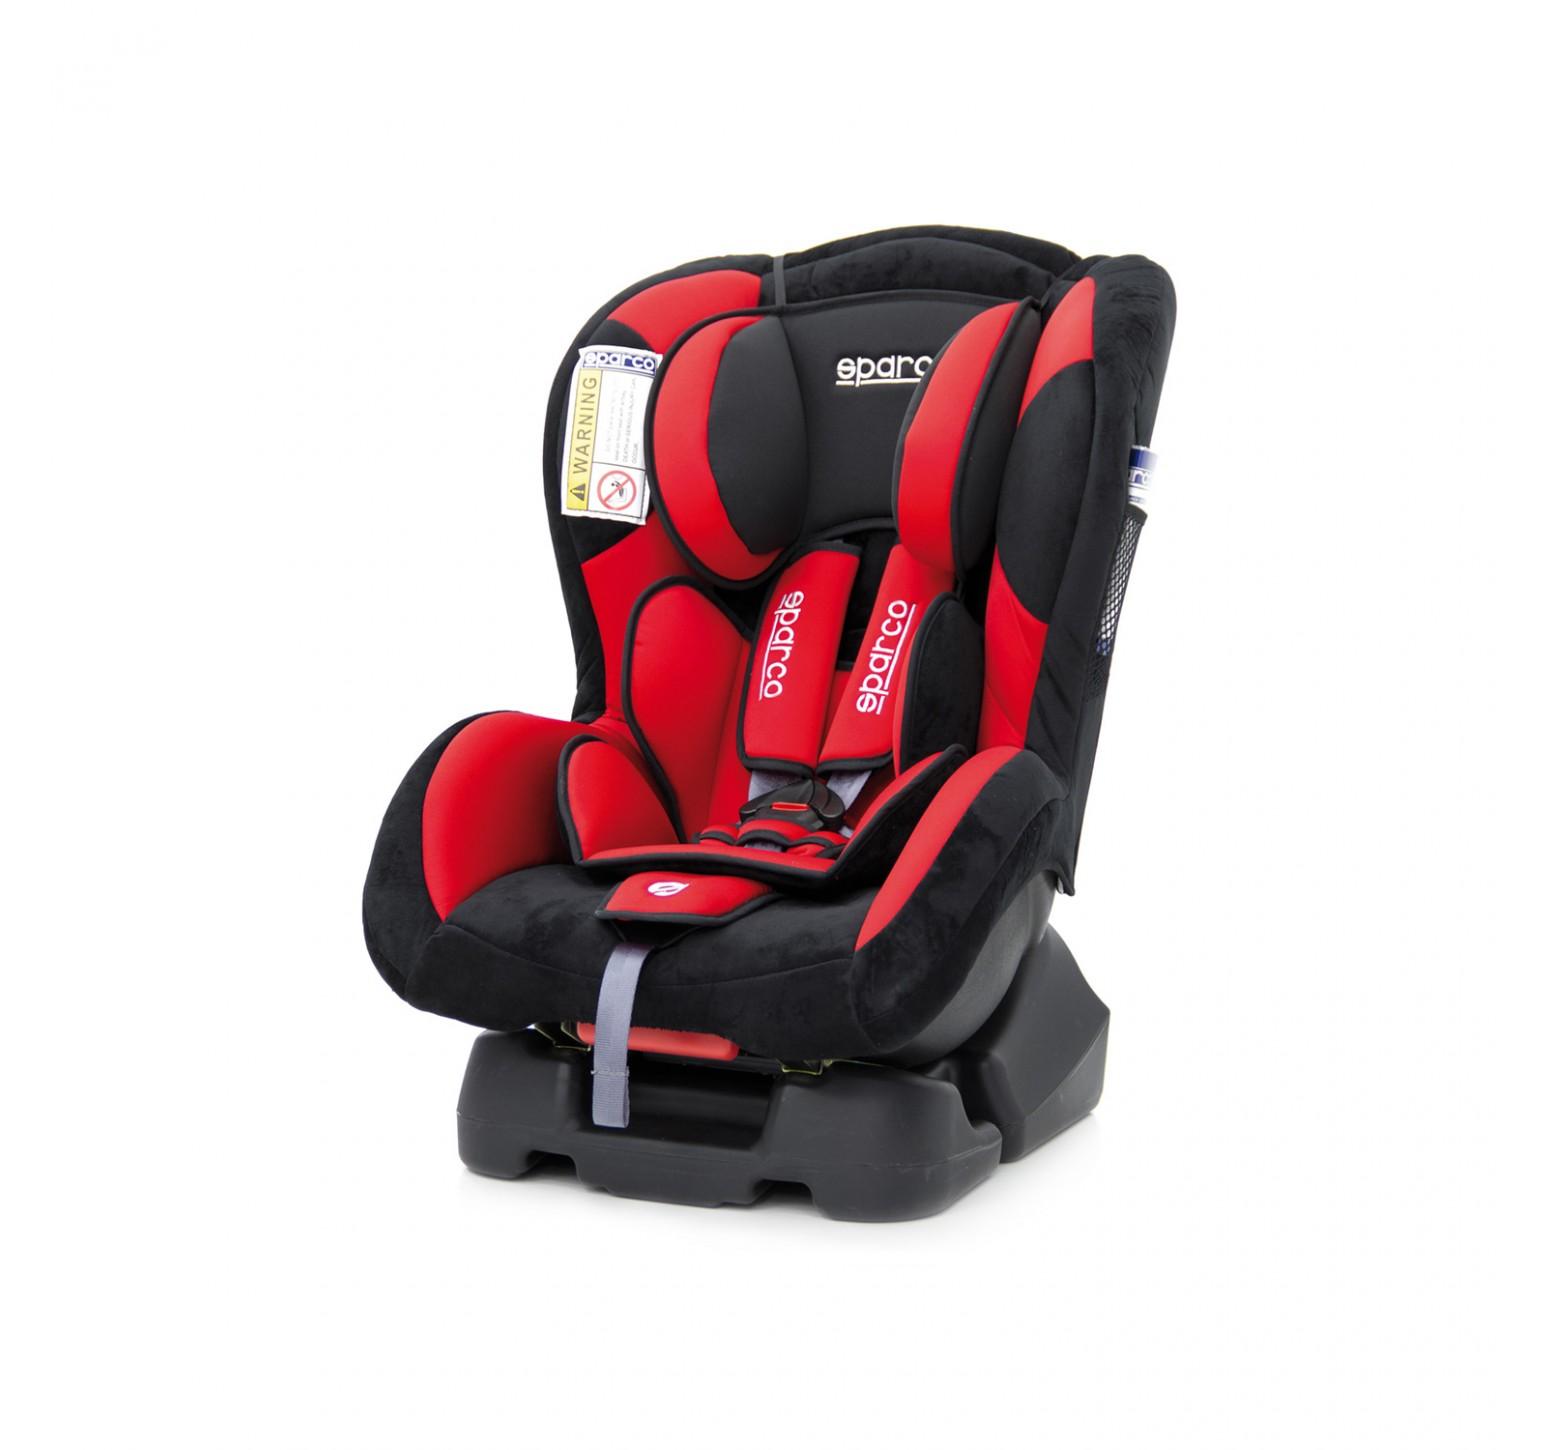 Beb Sparco Silla para auto FK rojo tienda online Asunci n